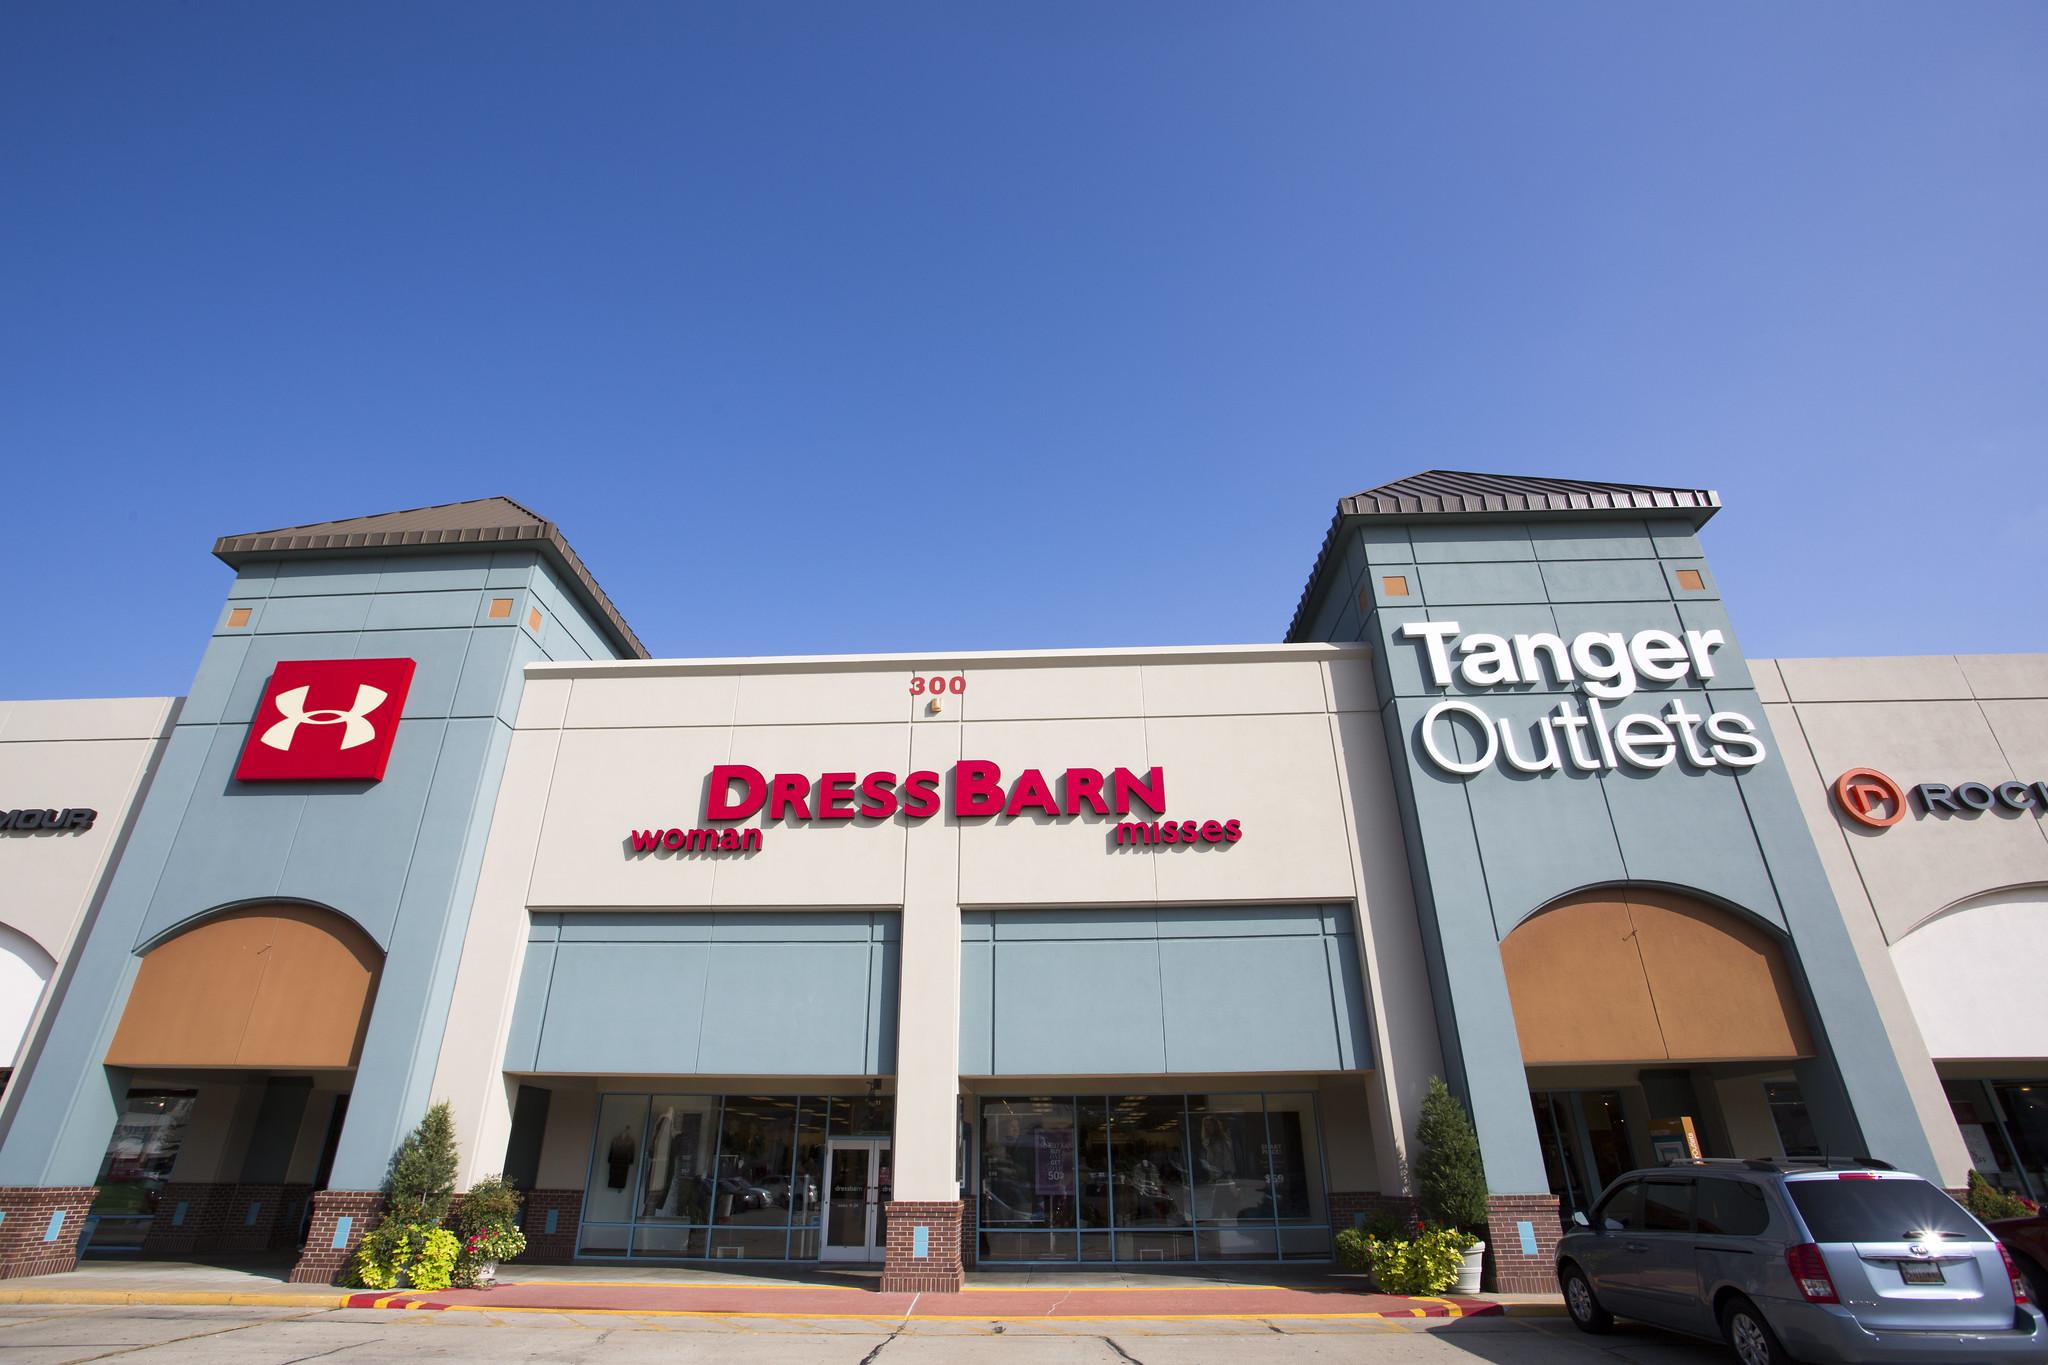 Tanger_Outlets_Shopping_Branson_Missouri